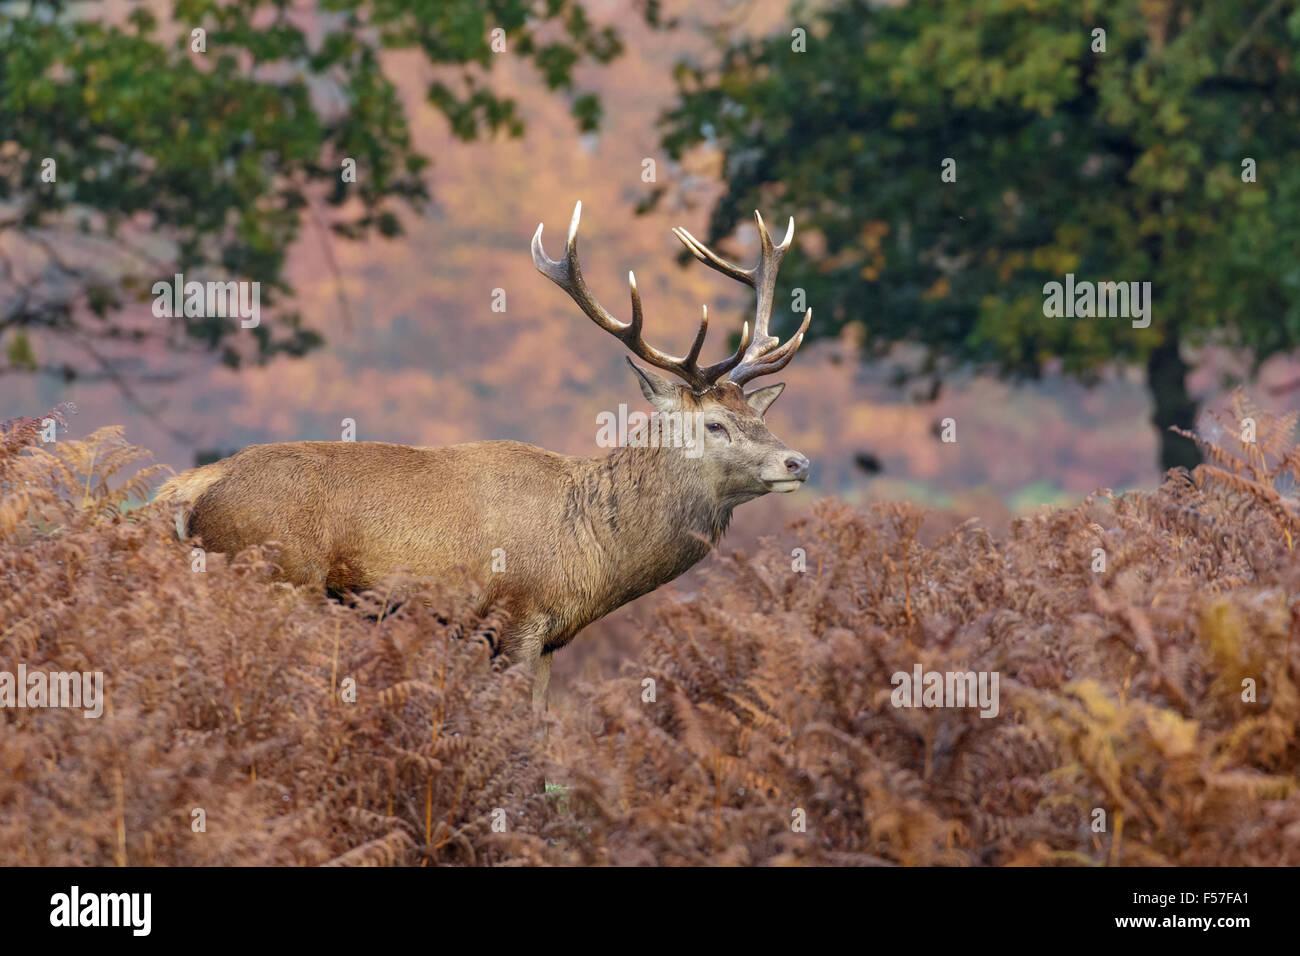 Ciervo ciervo entre el helecho en otoño. Foto de stock